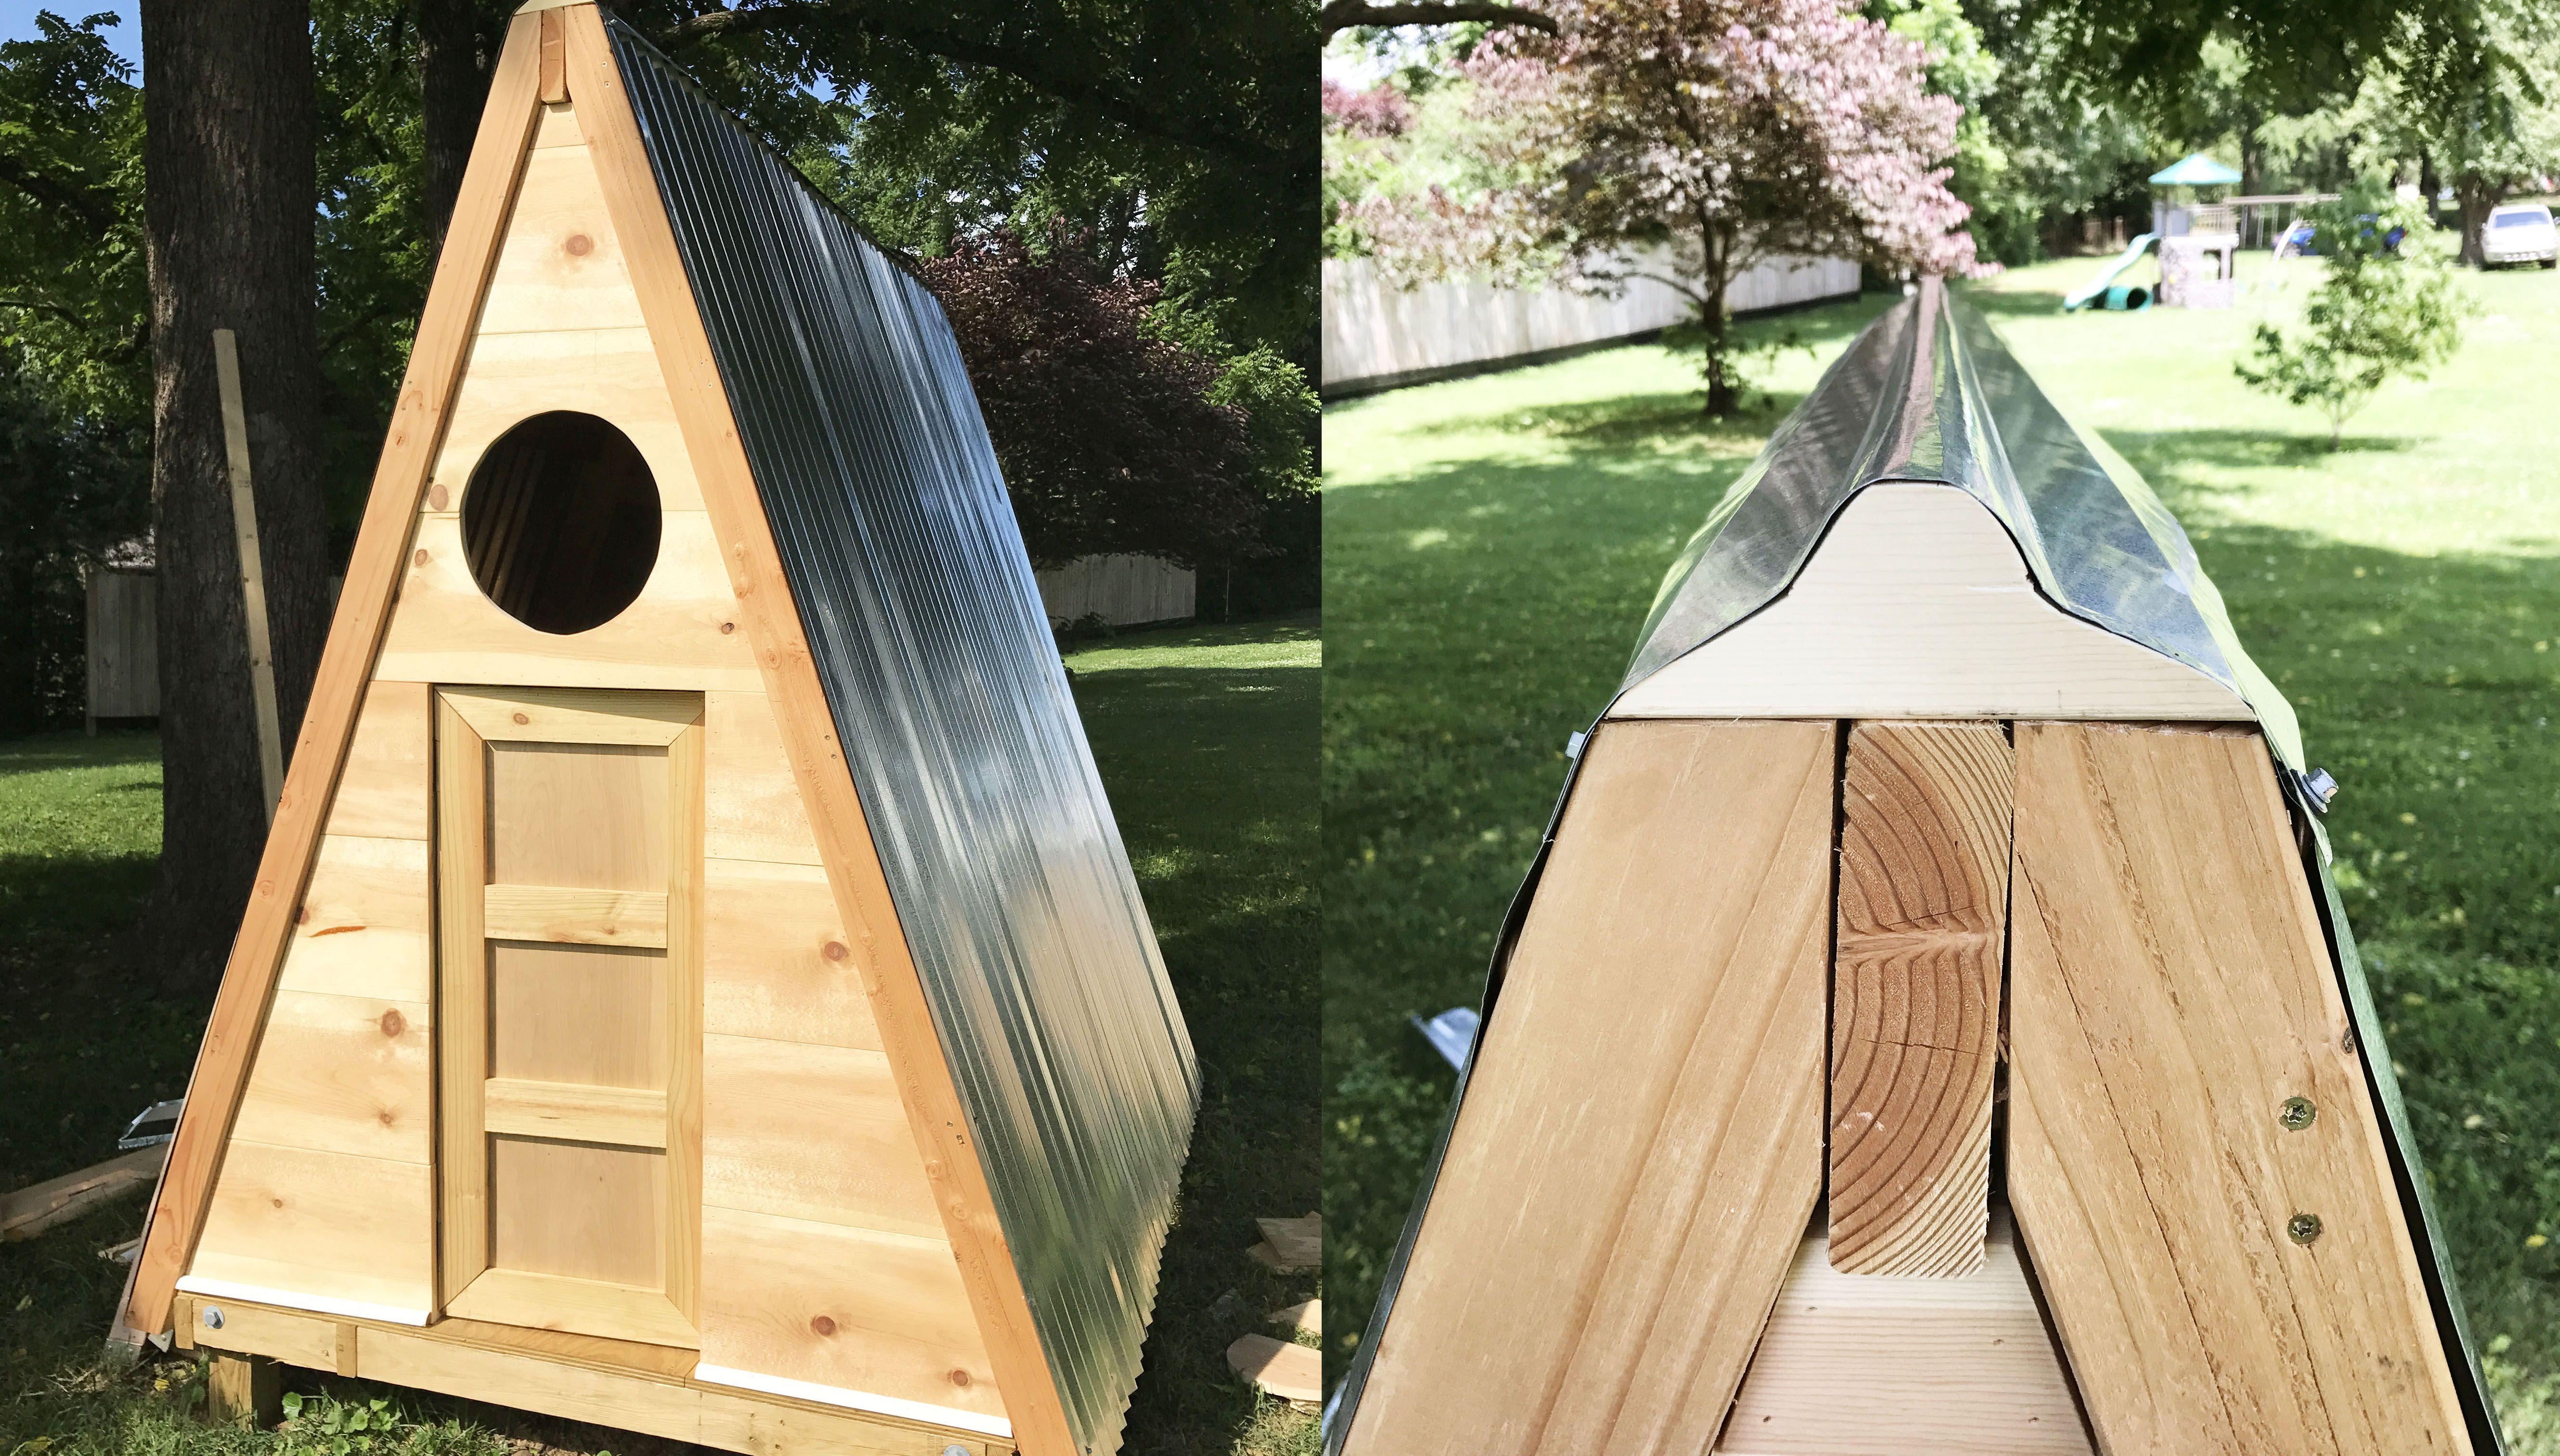 Aframe playhouse diy build a playhouse diy playhouse